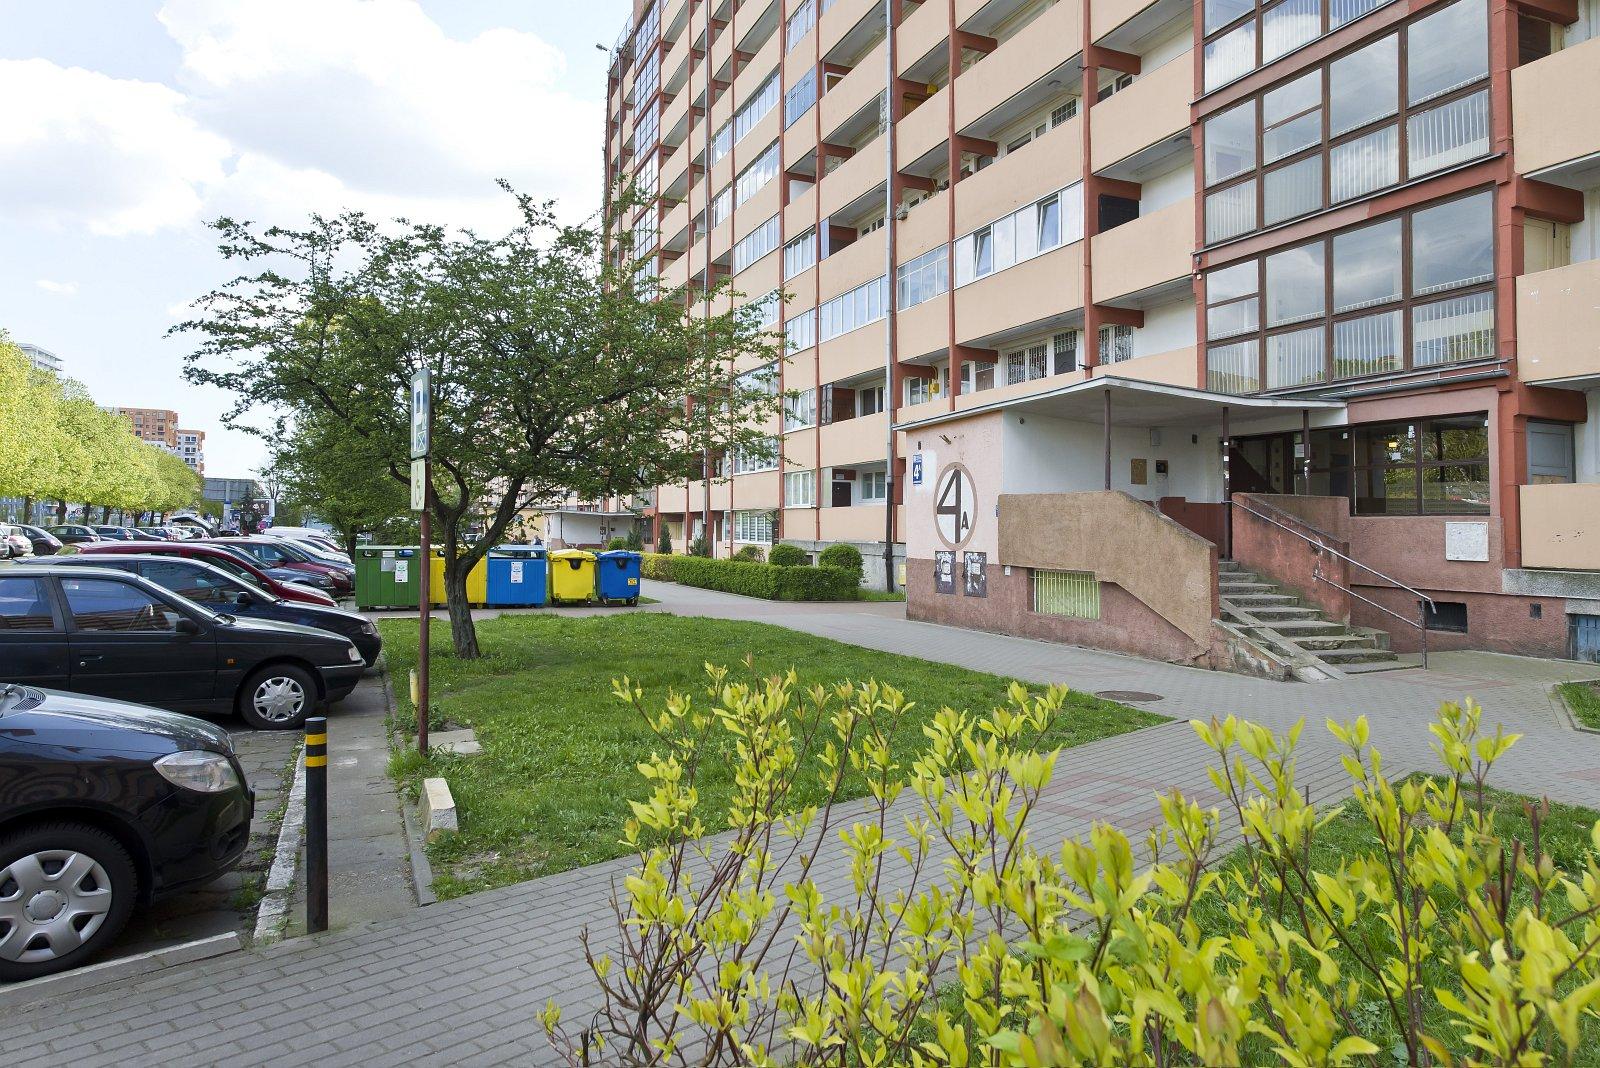 mieszkanie-wynajem-gdansk-ow4-05-10web